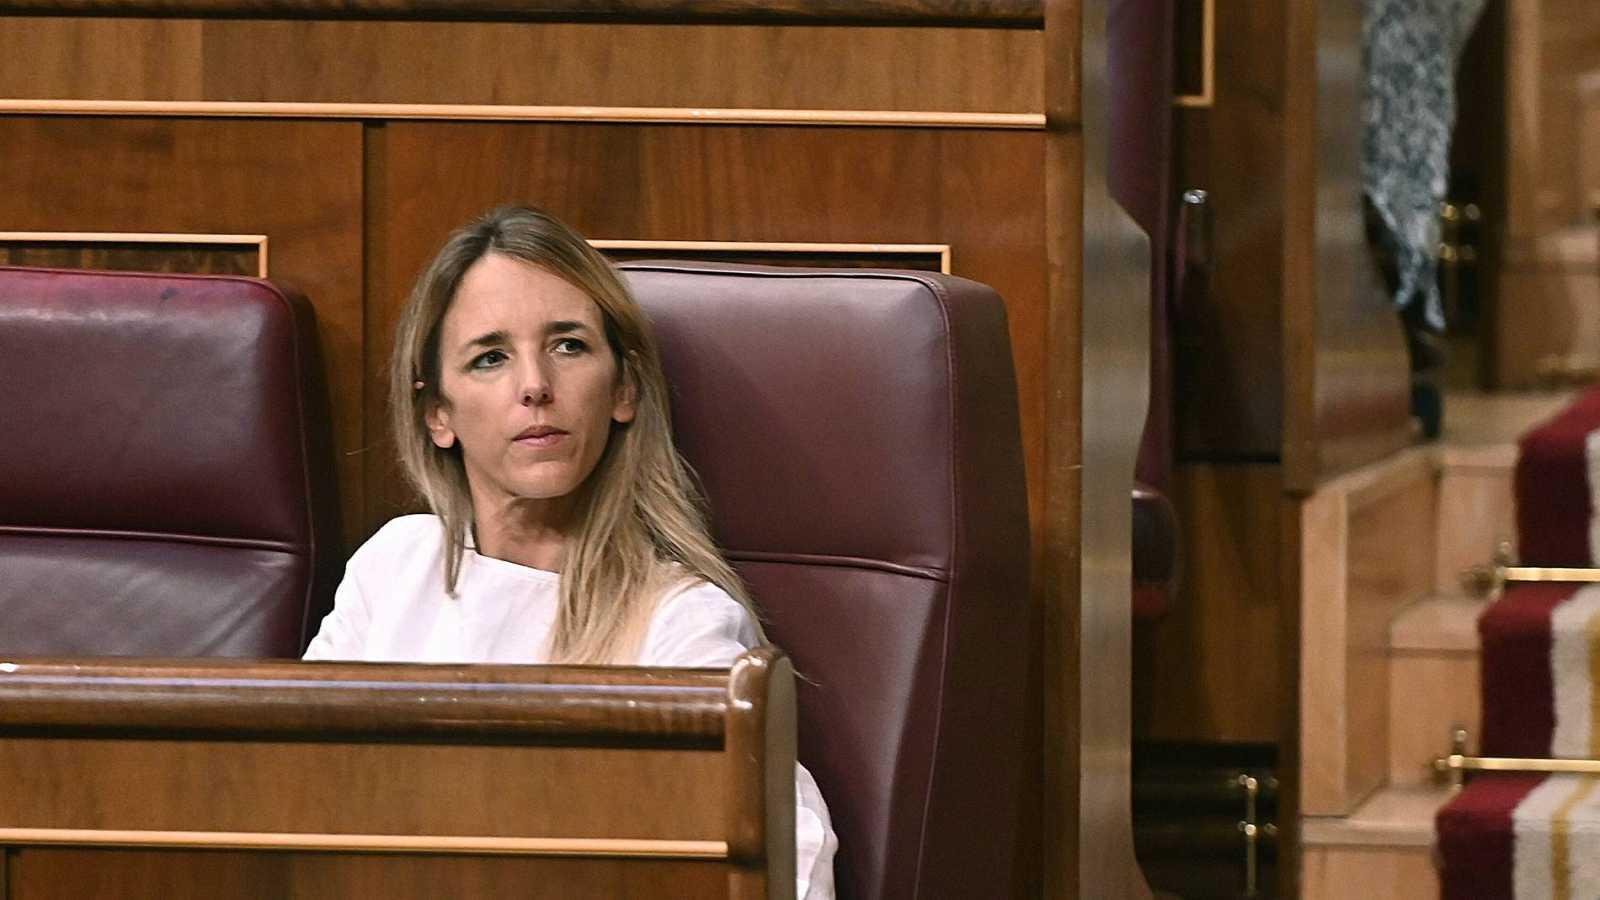 La ya exportavoz del Partido Popular en el Congreso, Cayetana Álvarez de Toledo, durante un pleno en la Cámara Baja